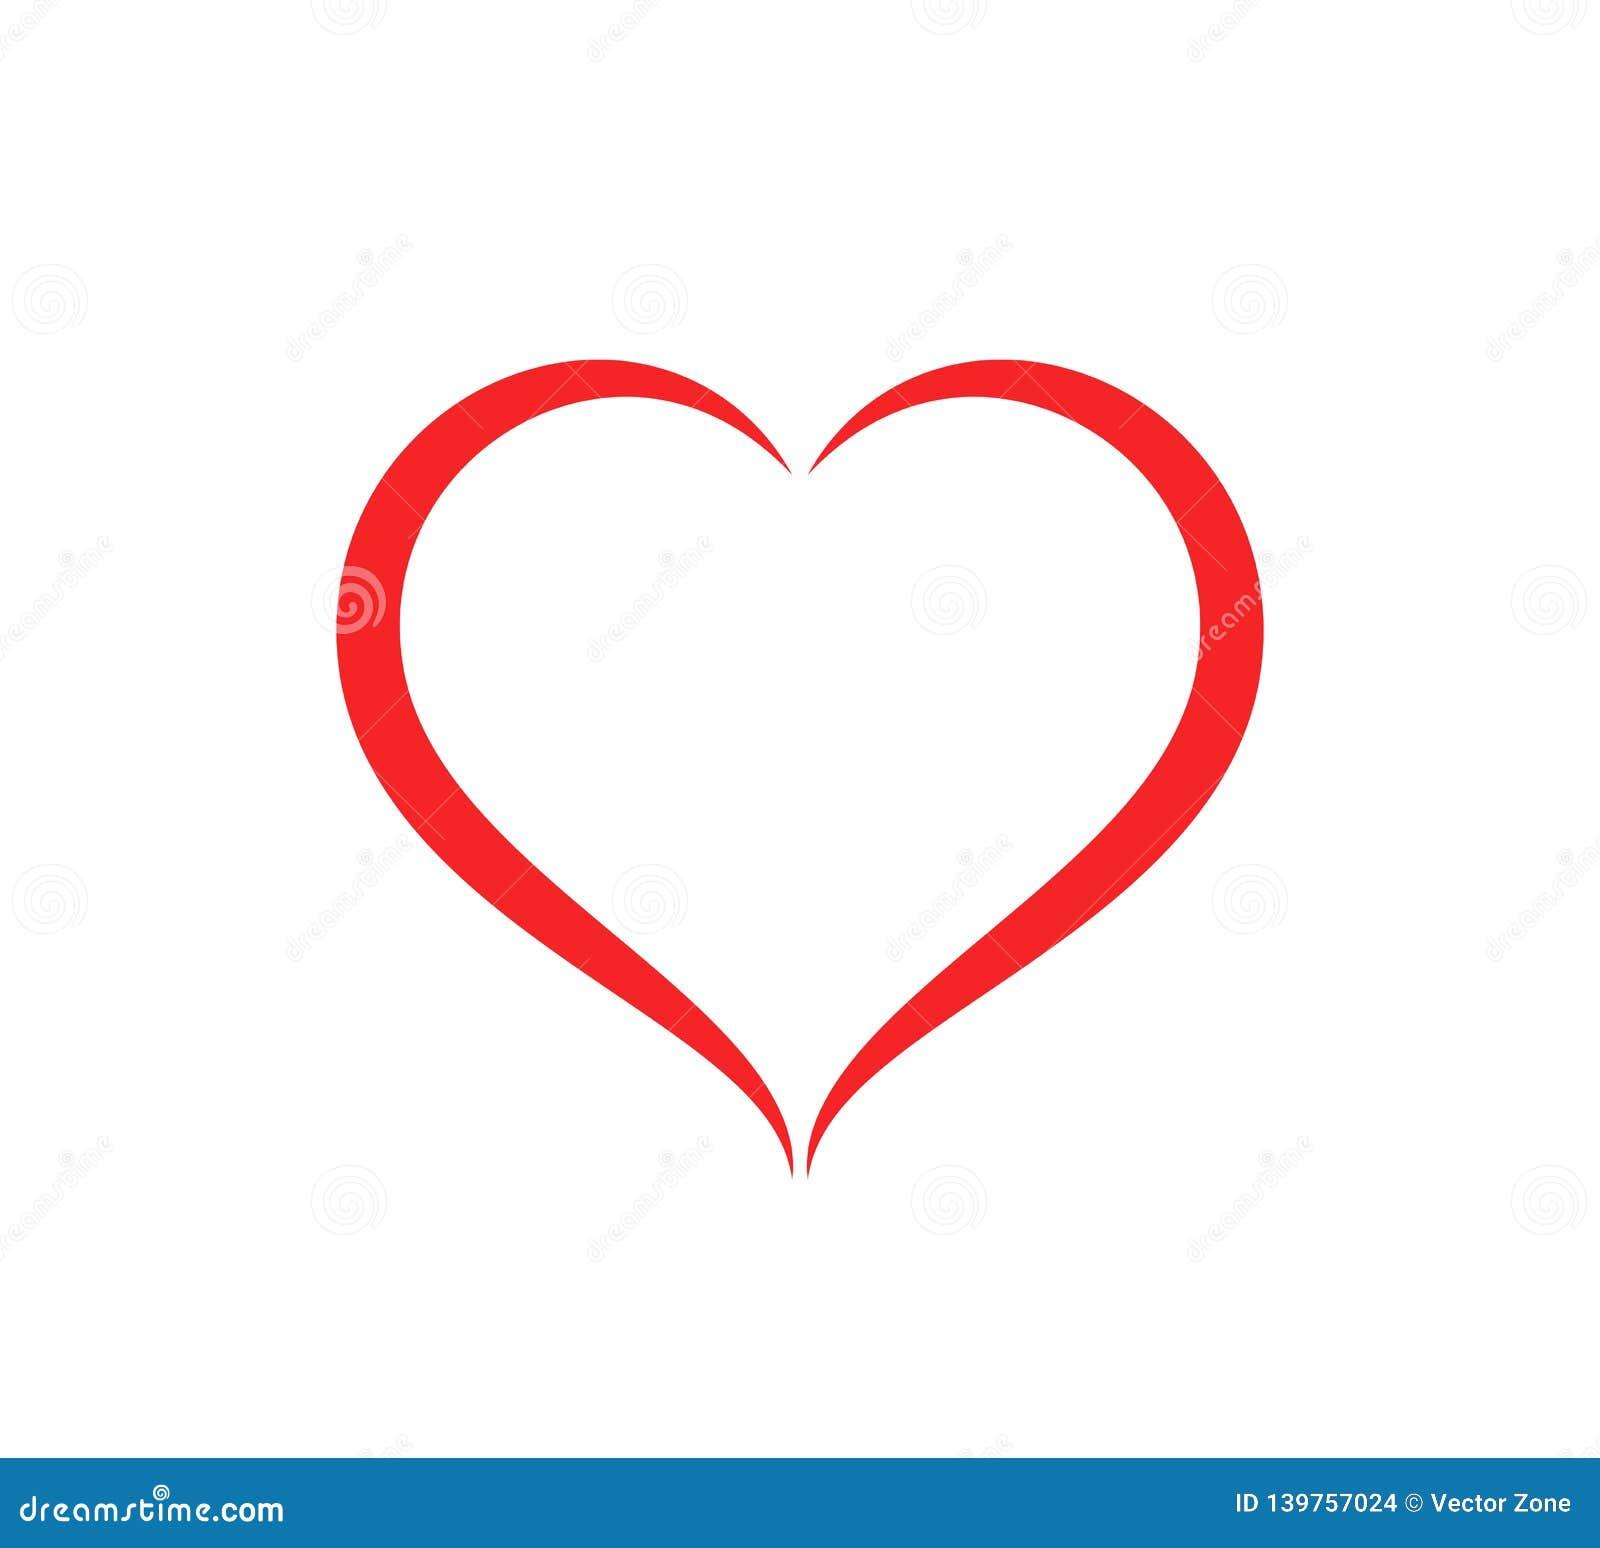 Αφηρημένη διανυσματική απεικόνιση προσοχής περιλήψεων μορφής καρδιών Κόκκινο εικονίδιο καρδιών στο επίπεδο ύφος